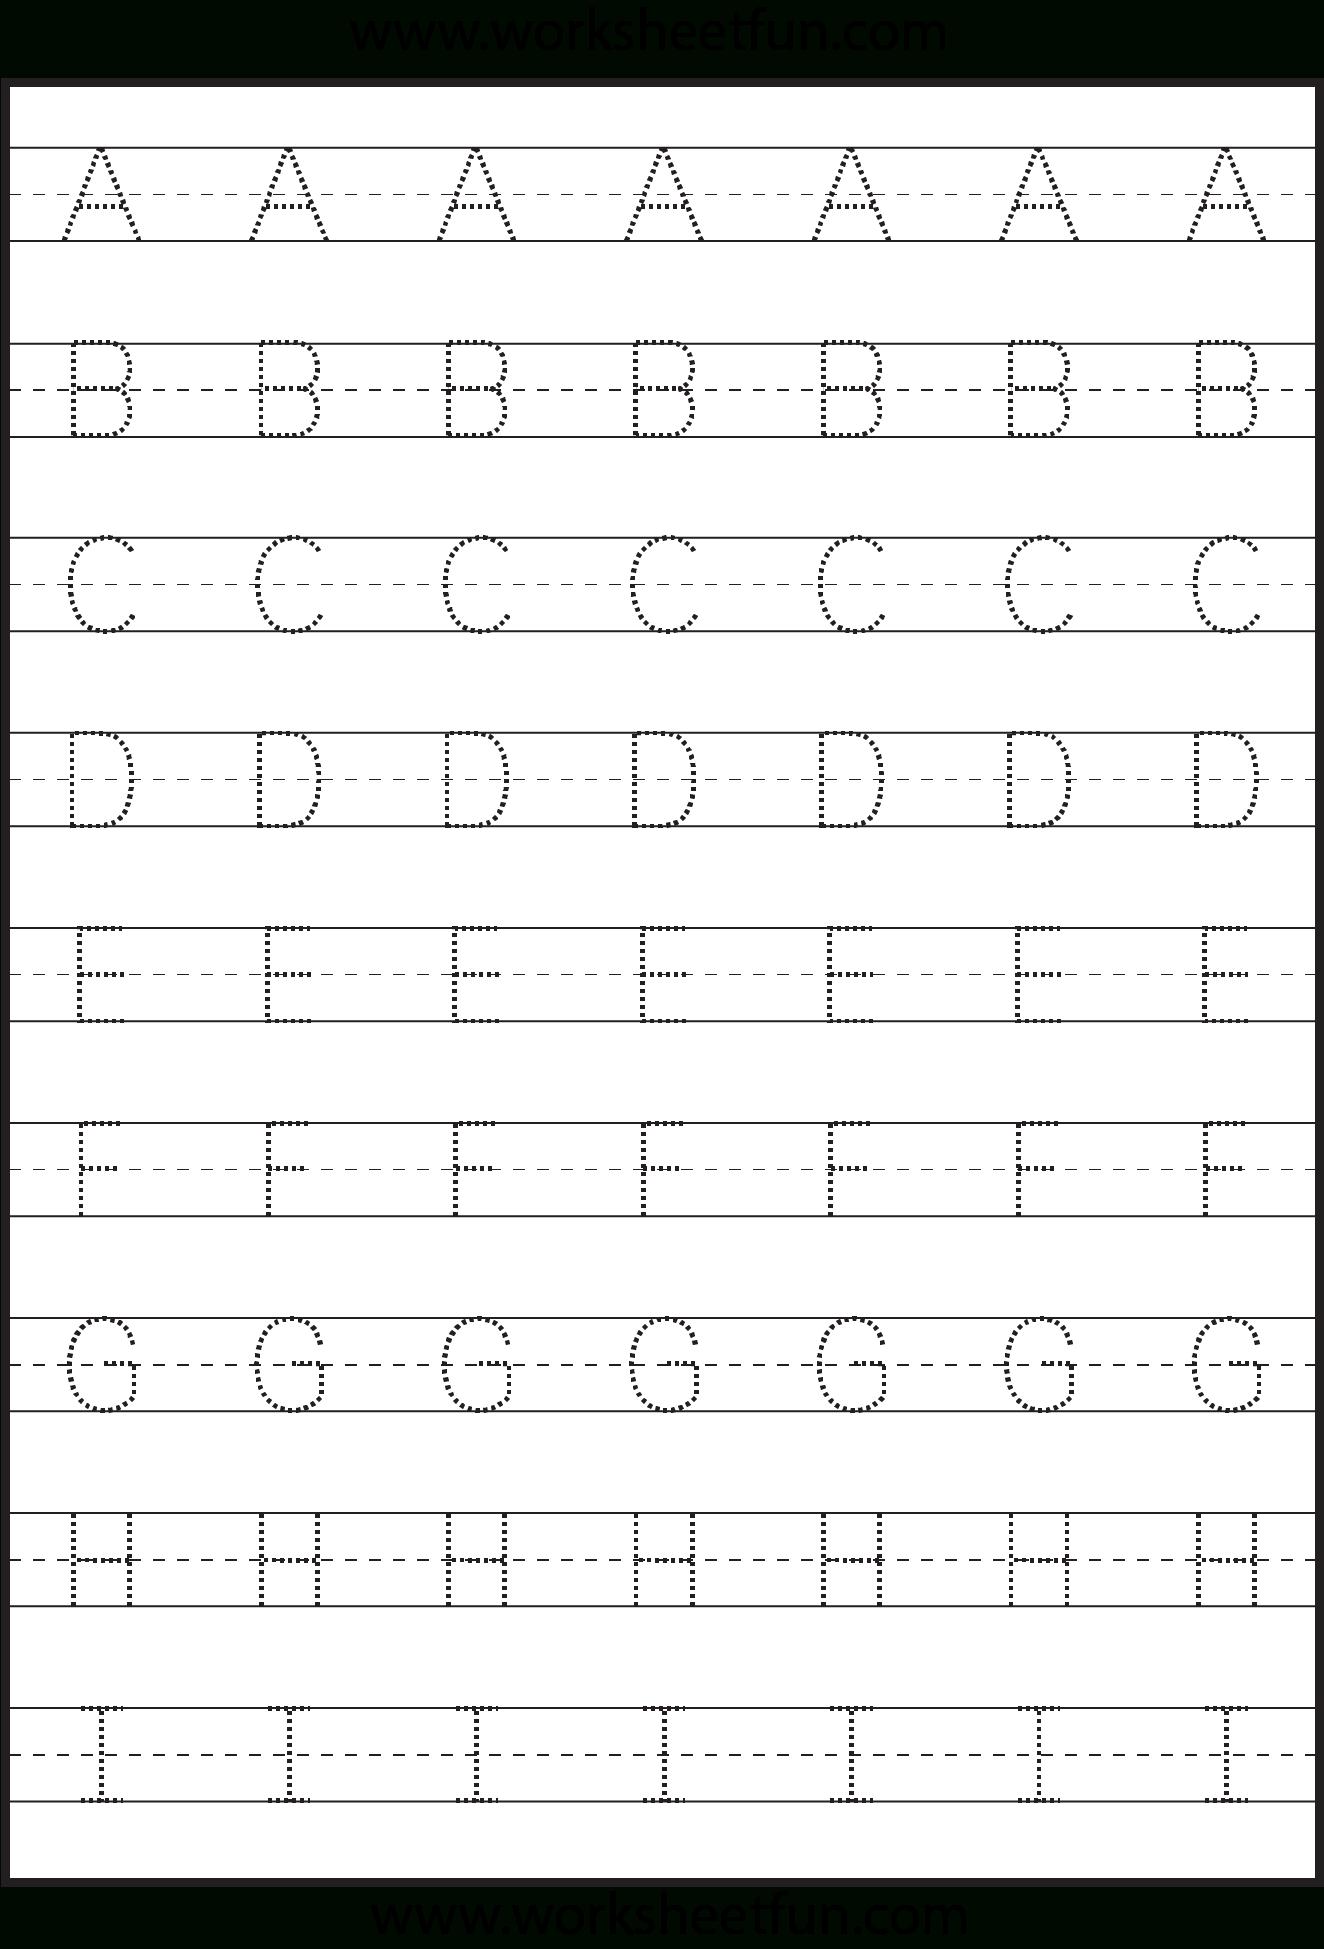 Worksheet ~ Excelent Letterracing Worksheets Free Photo